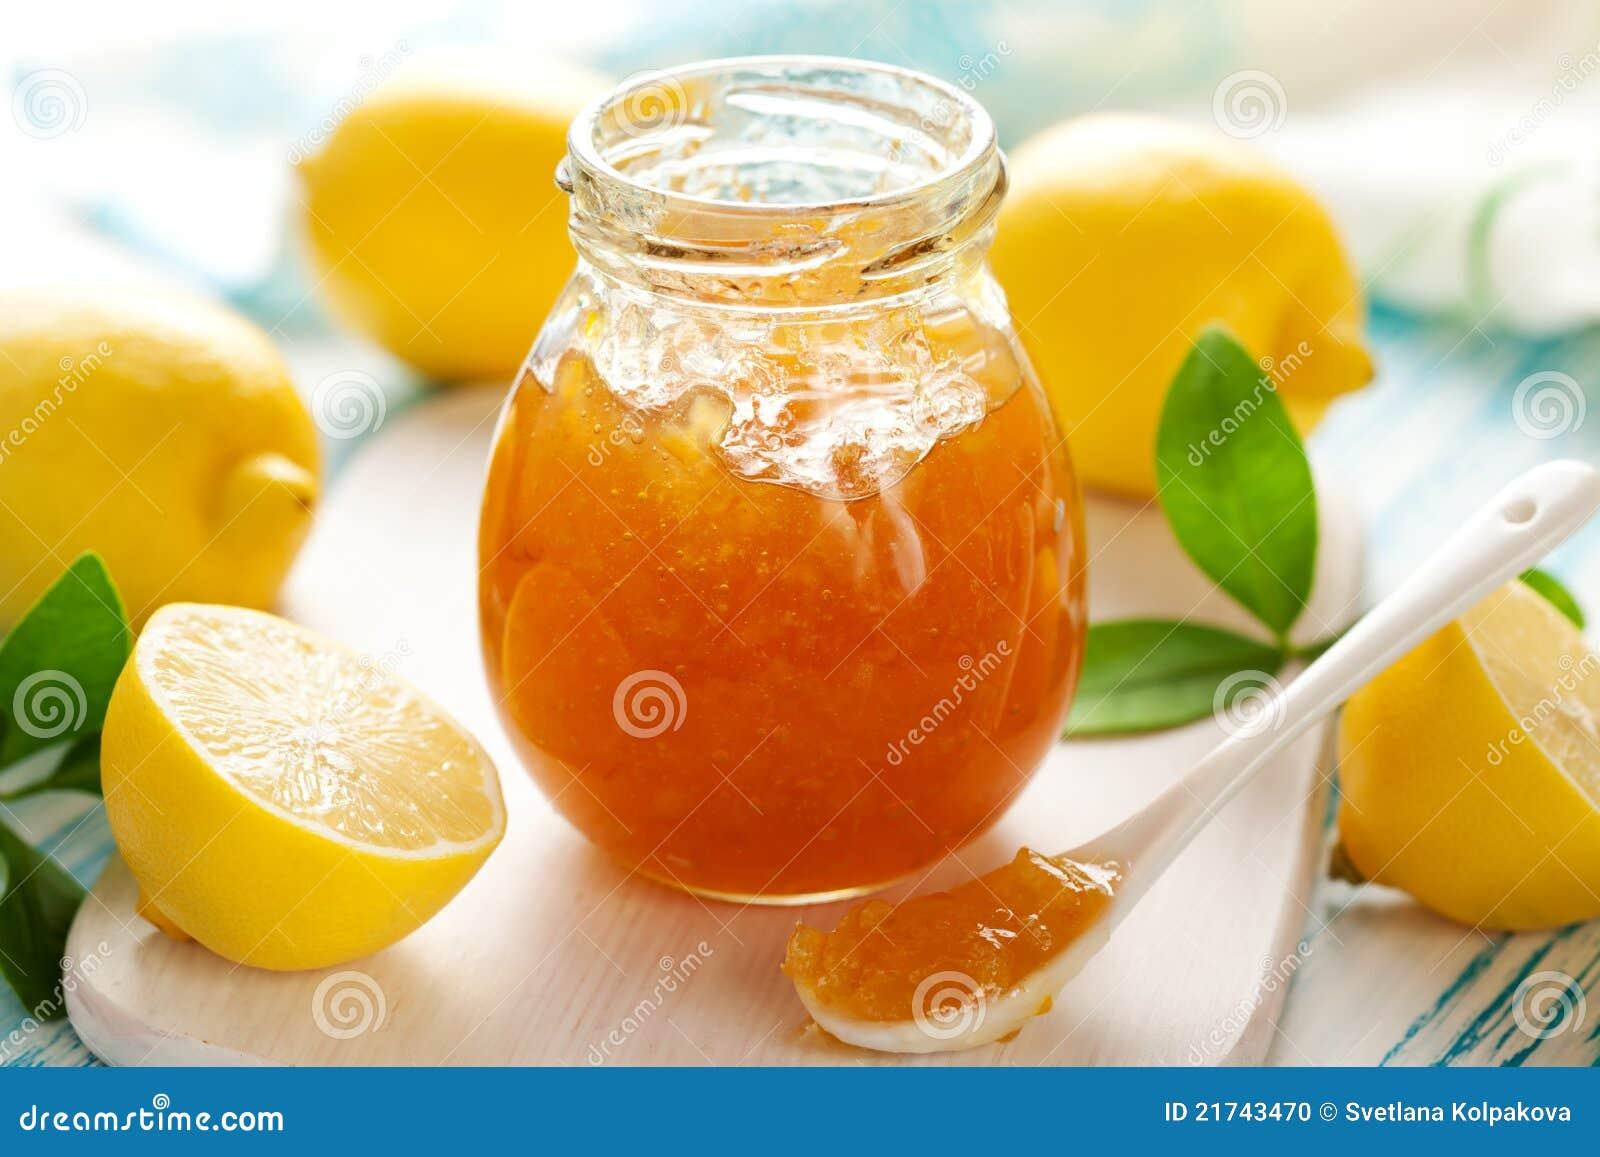 confiture d 39 oranges de citron photo stock image du vert. Black Bedroom Furniture Sets. Home Design Ideas